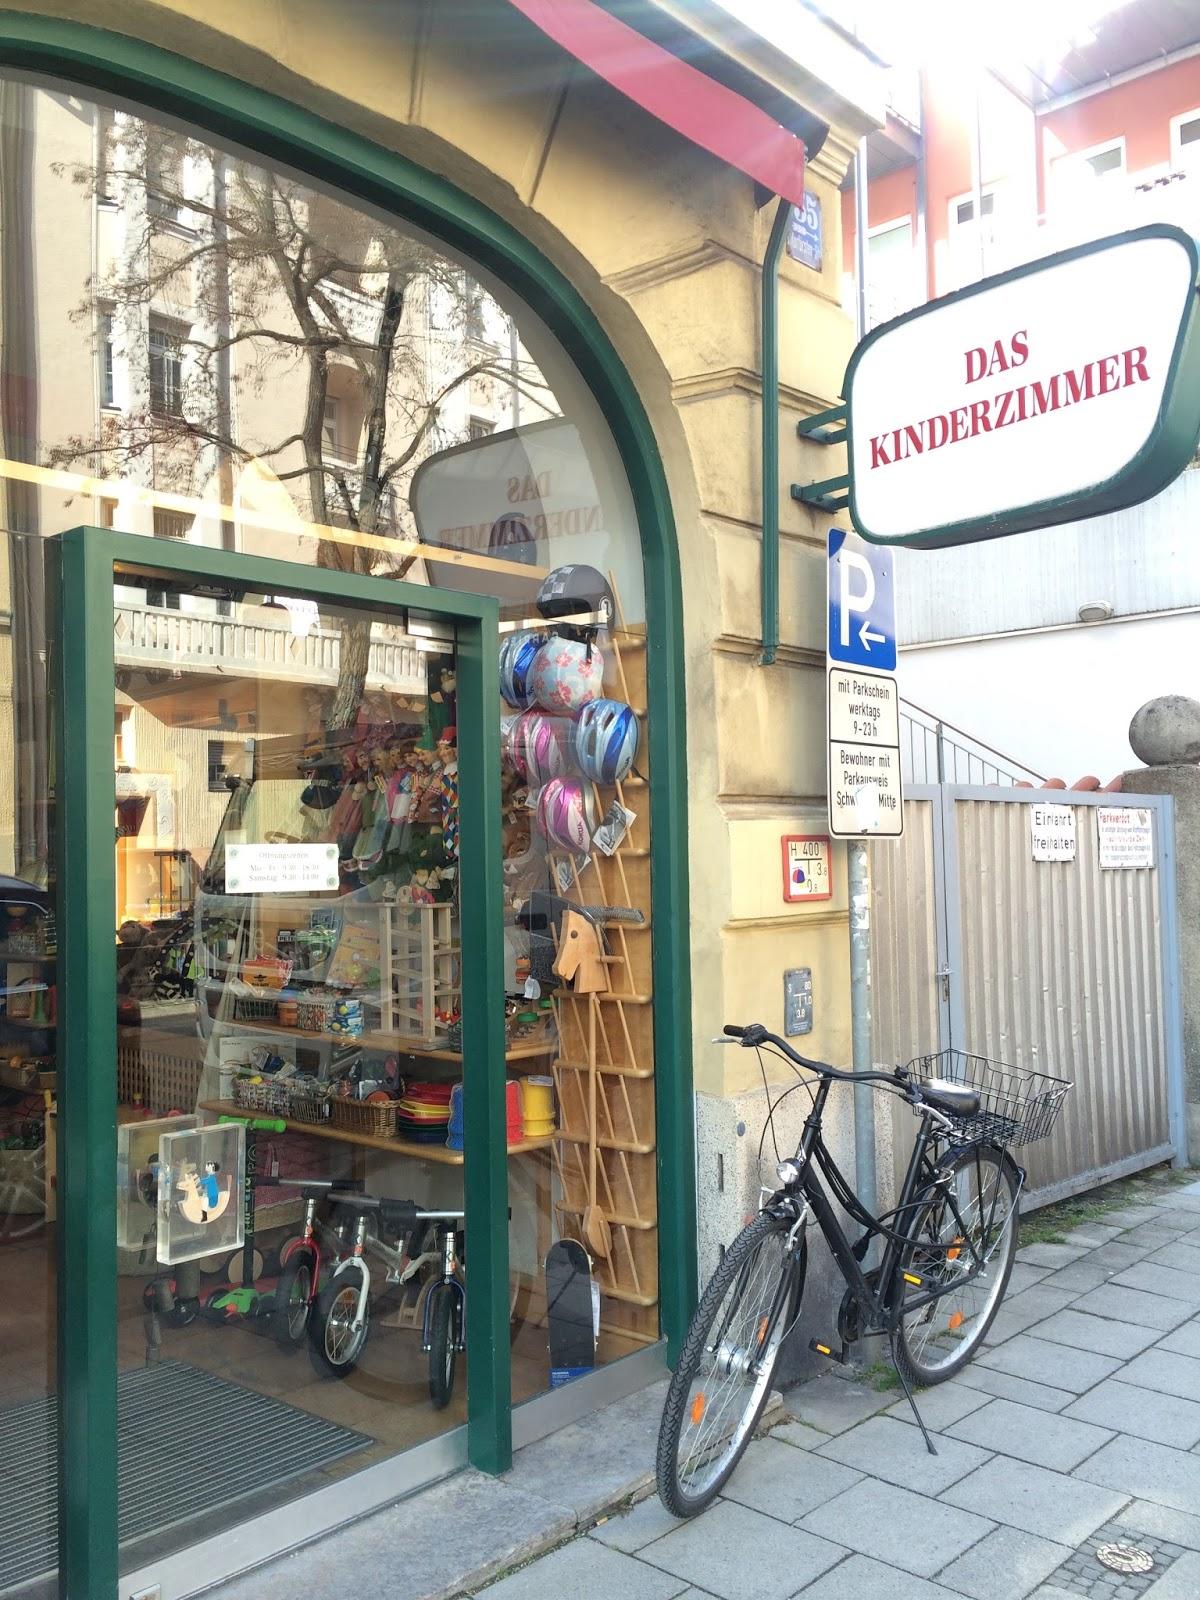 2803 Kinderzimmer München